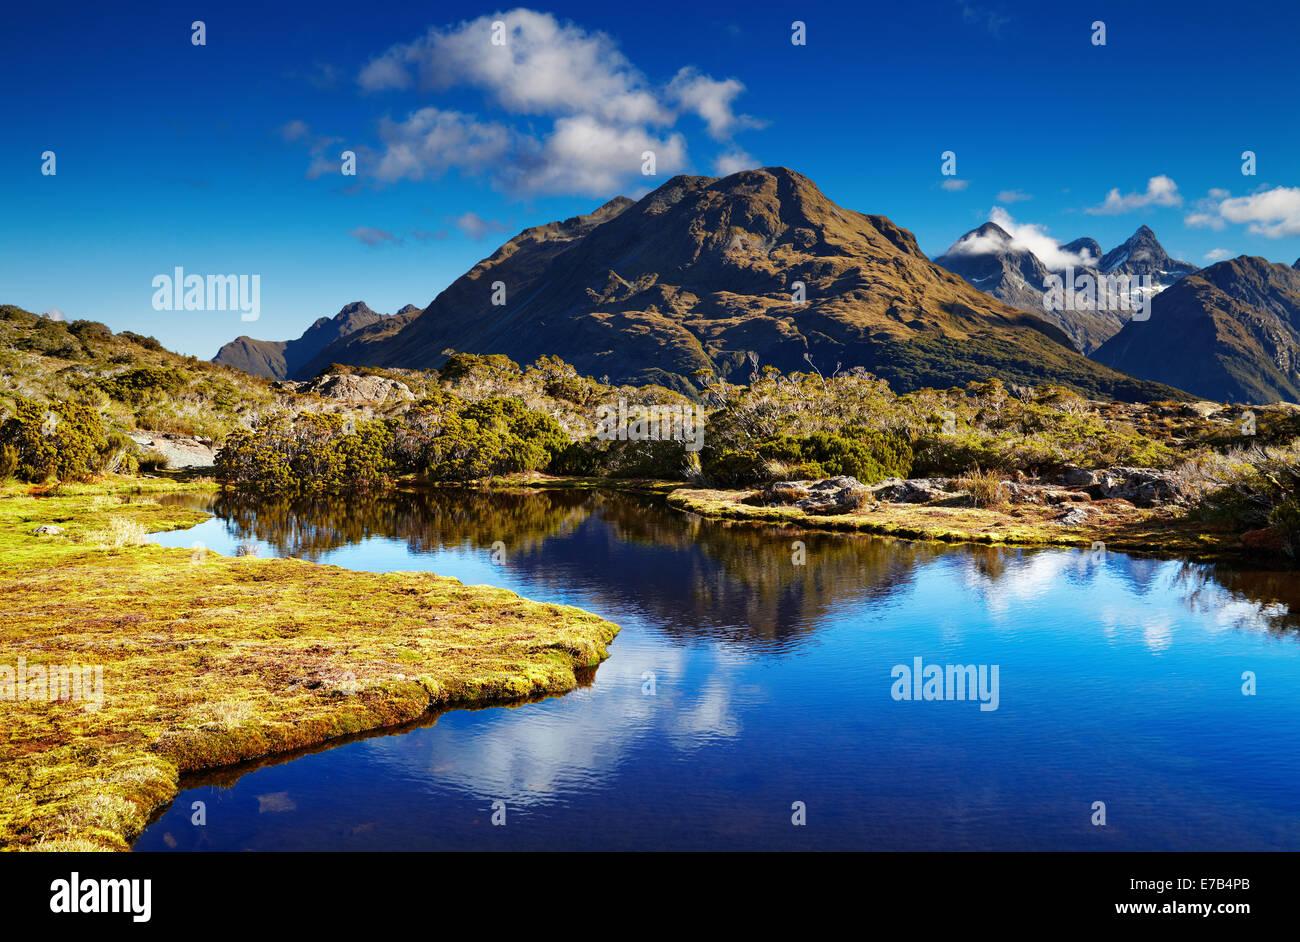 Petit lac au sommet de la clé, Routeburn track, Nouvelle-Zélande Photo Stock